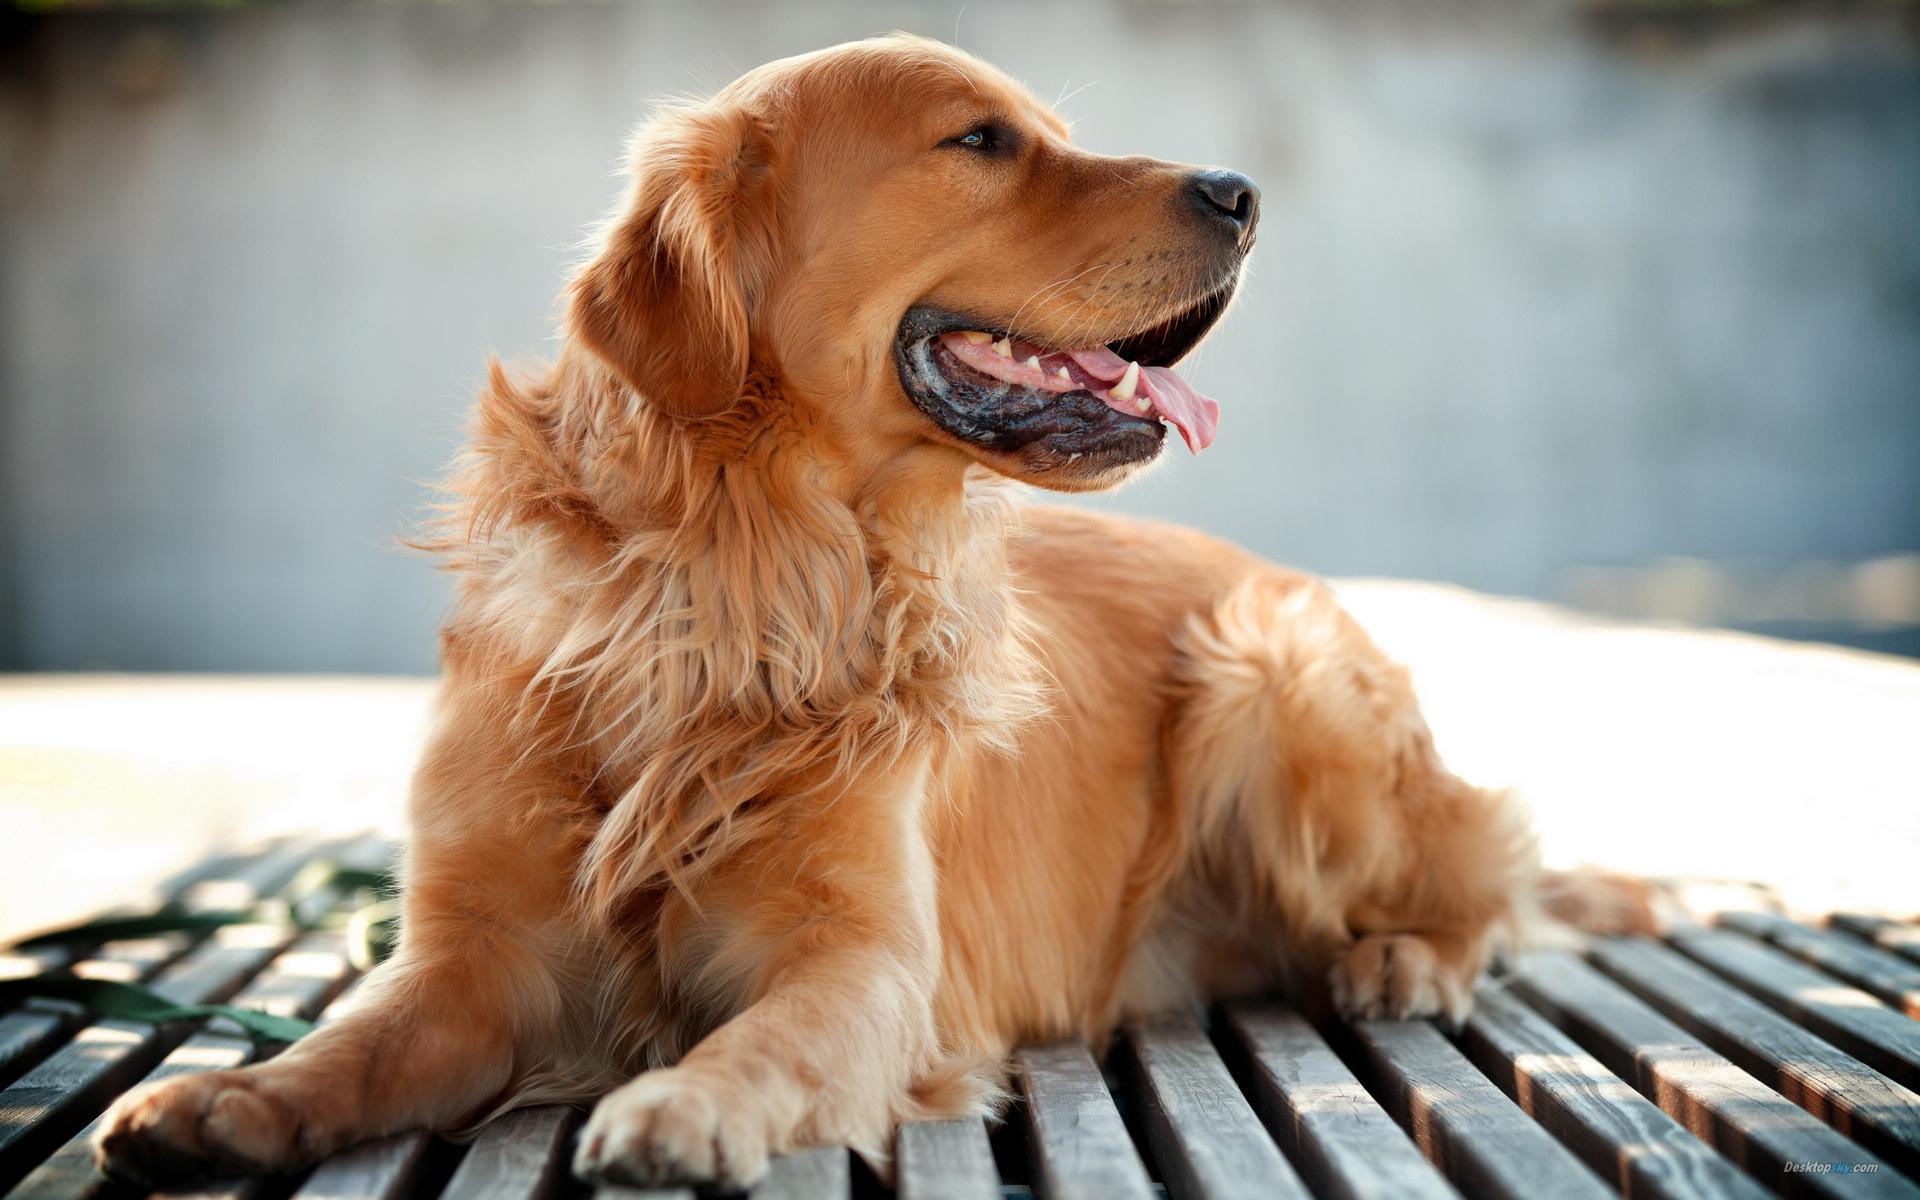 世界三大绝不咬人的狗 什么狗最干净最好养